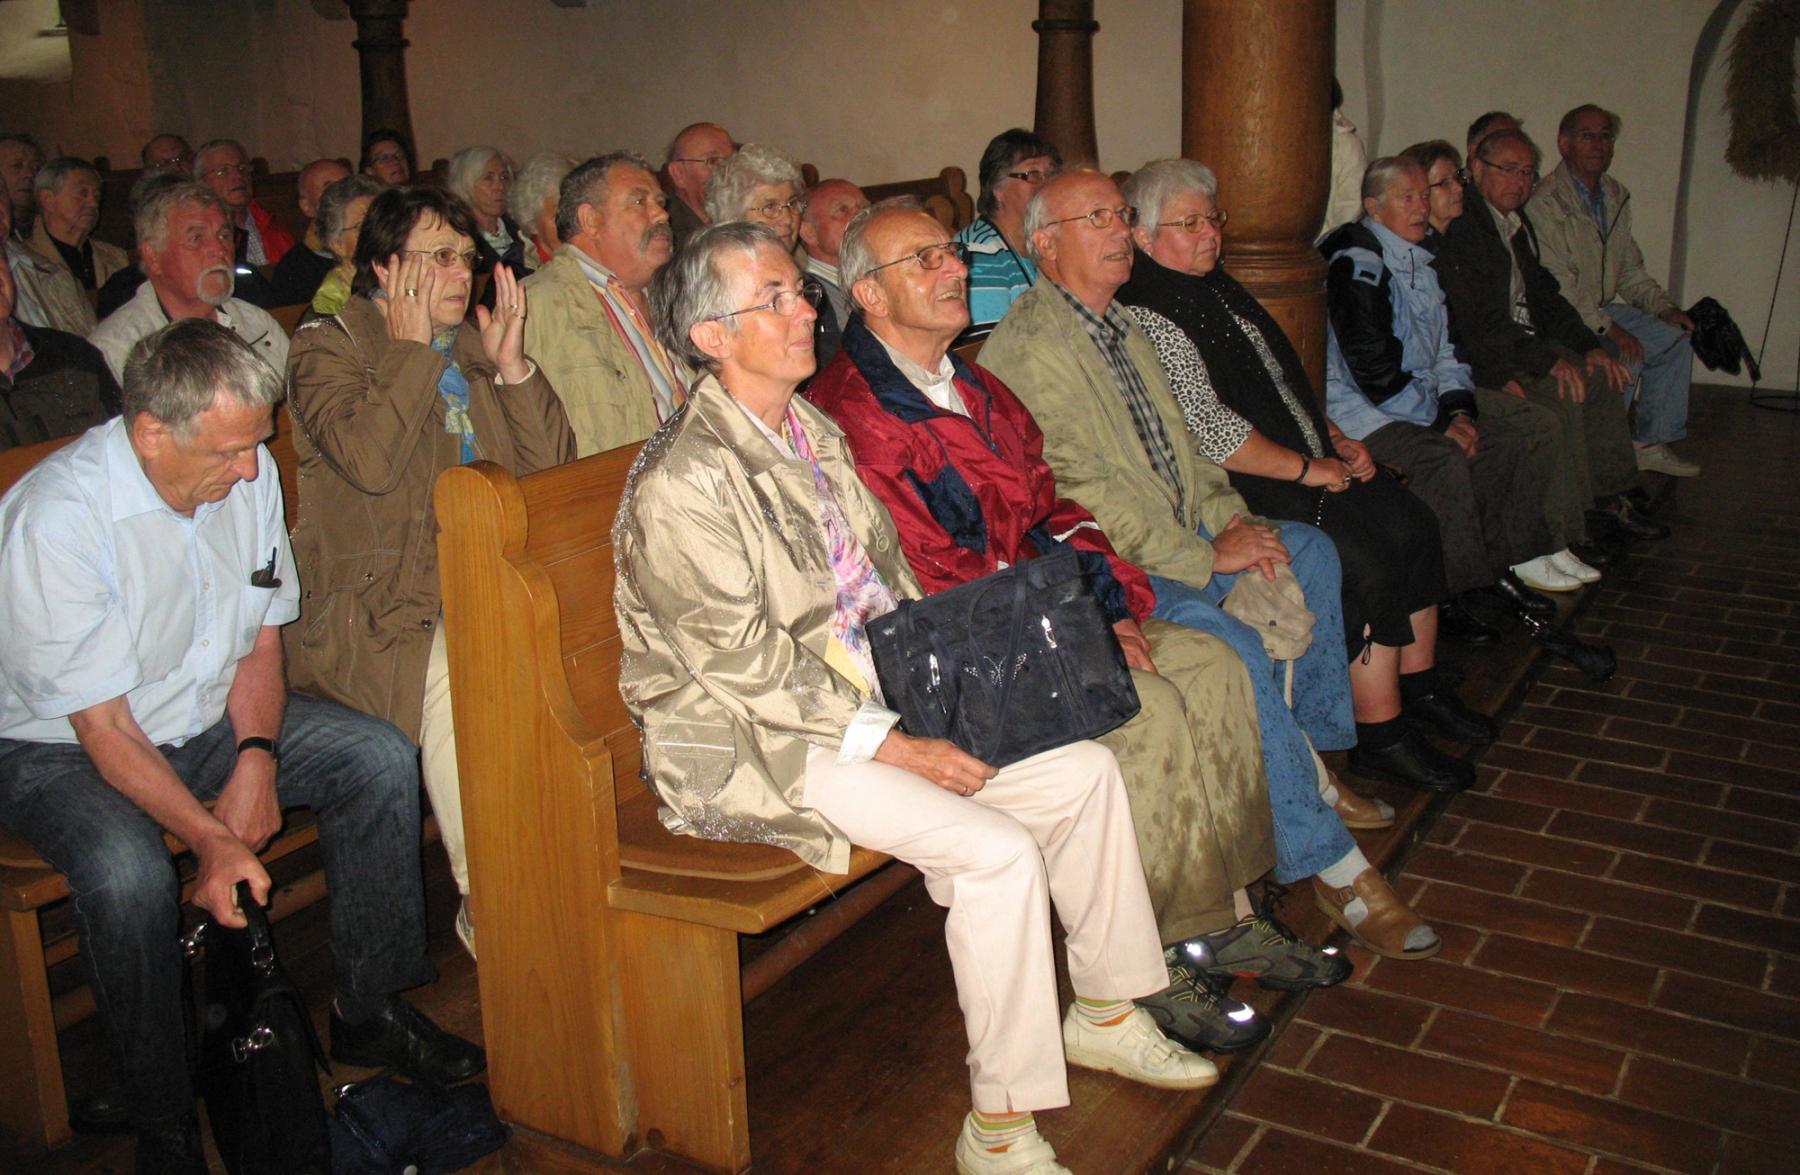 2011_05_12 Uterregenbach, Kirchenbesichtigung